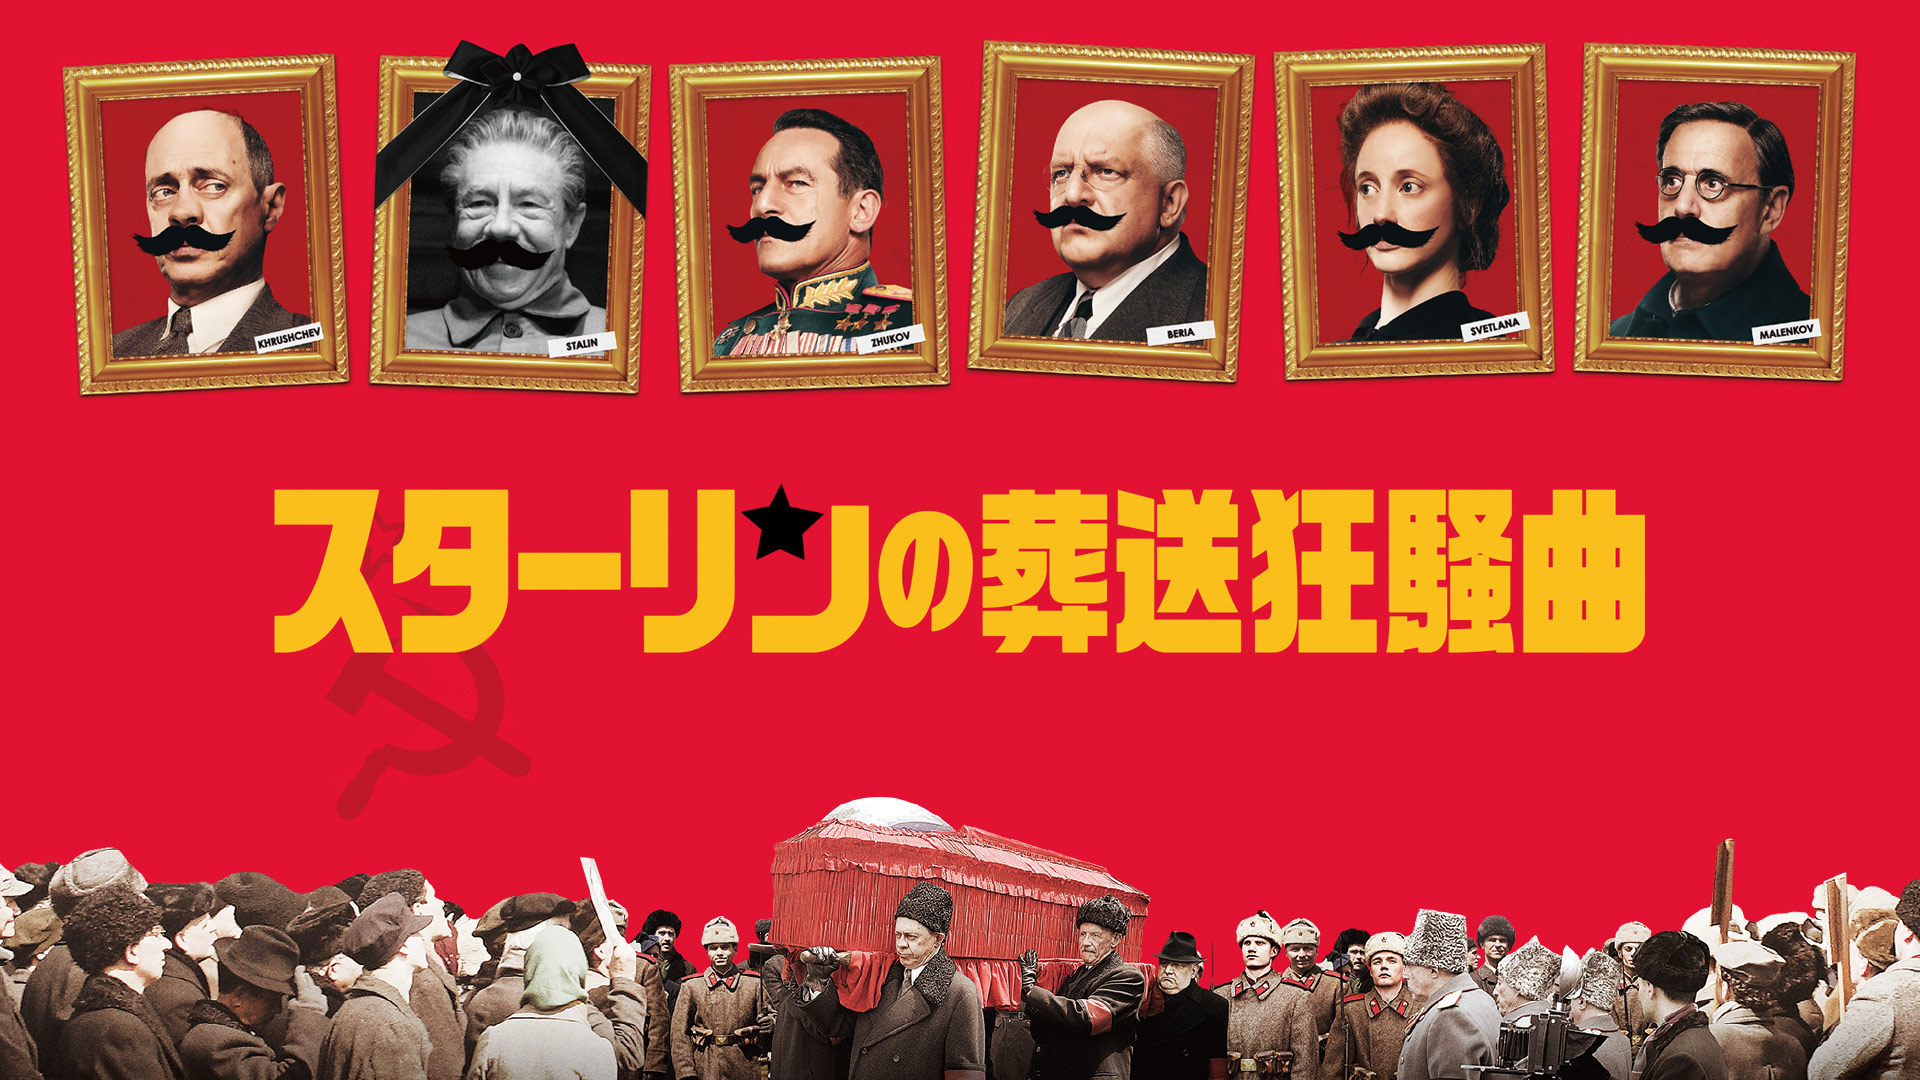 スターリンの葬送狂騒曲(吹替版)